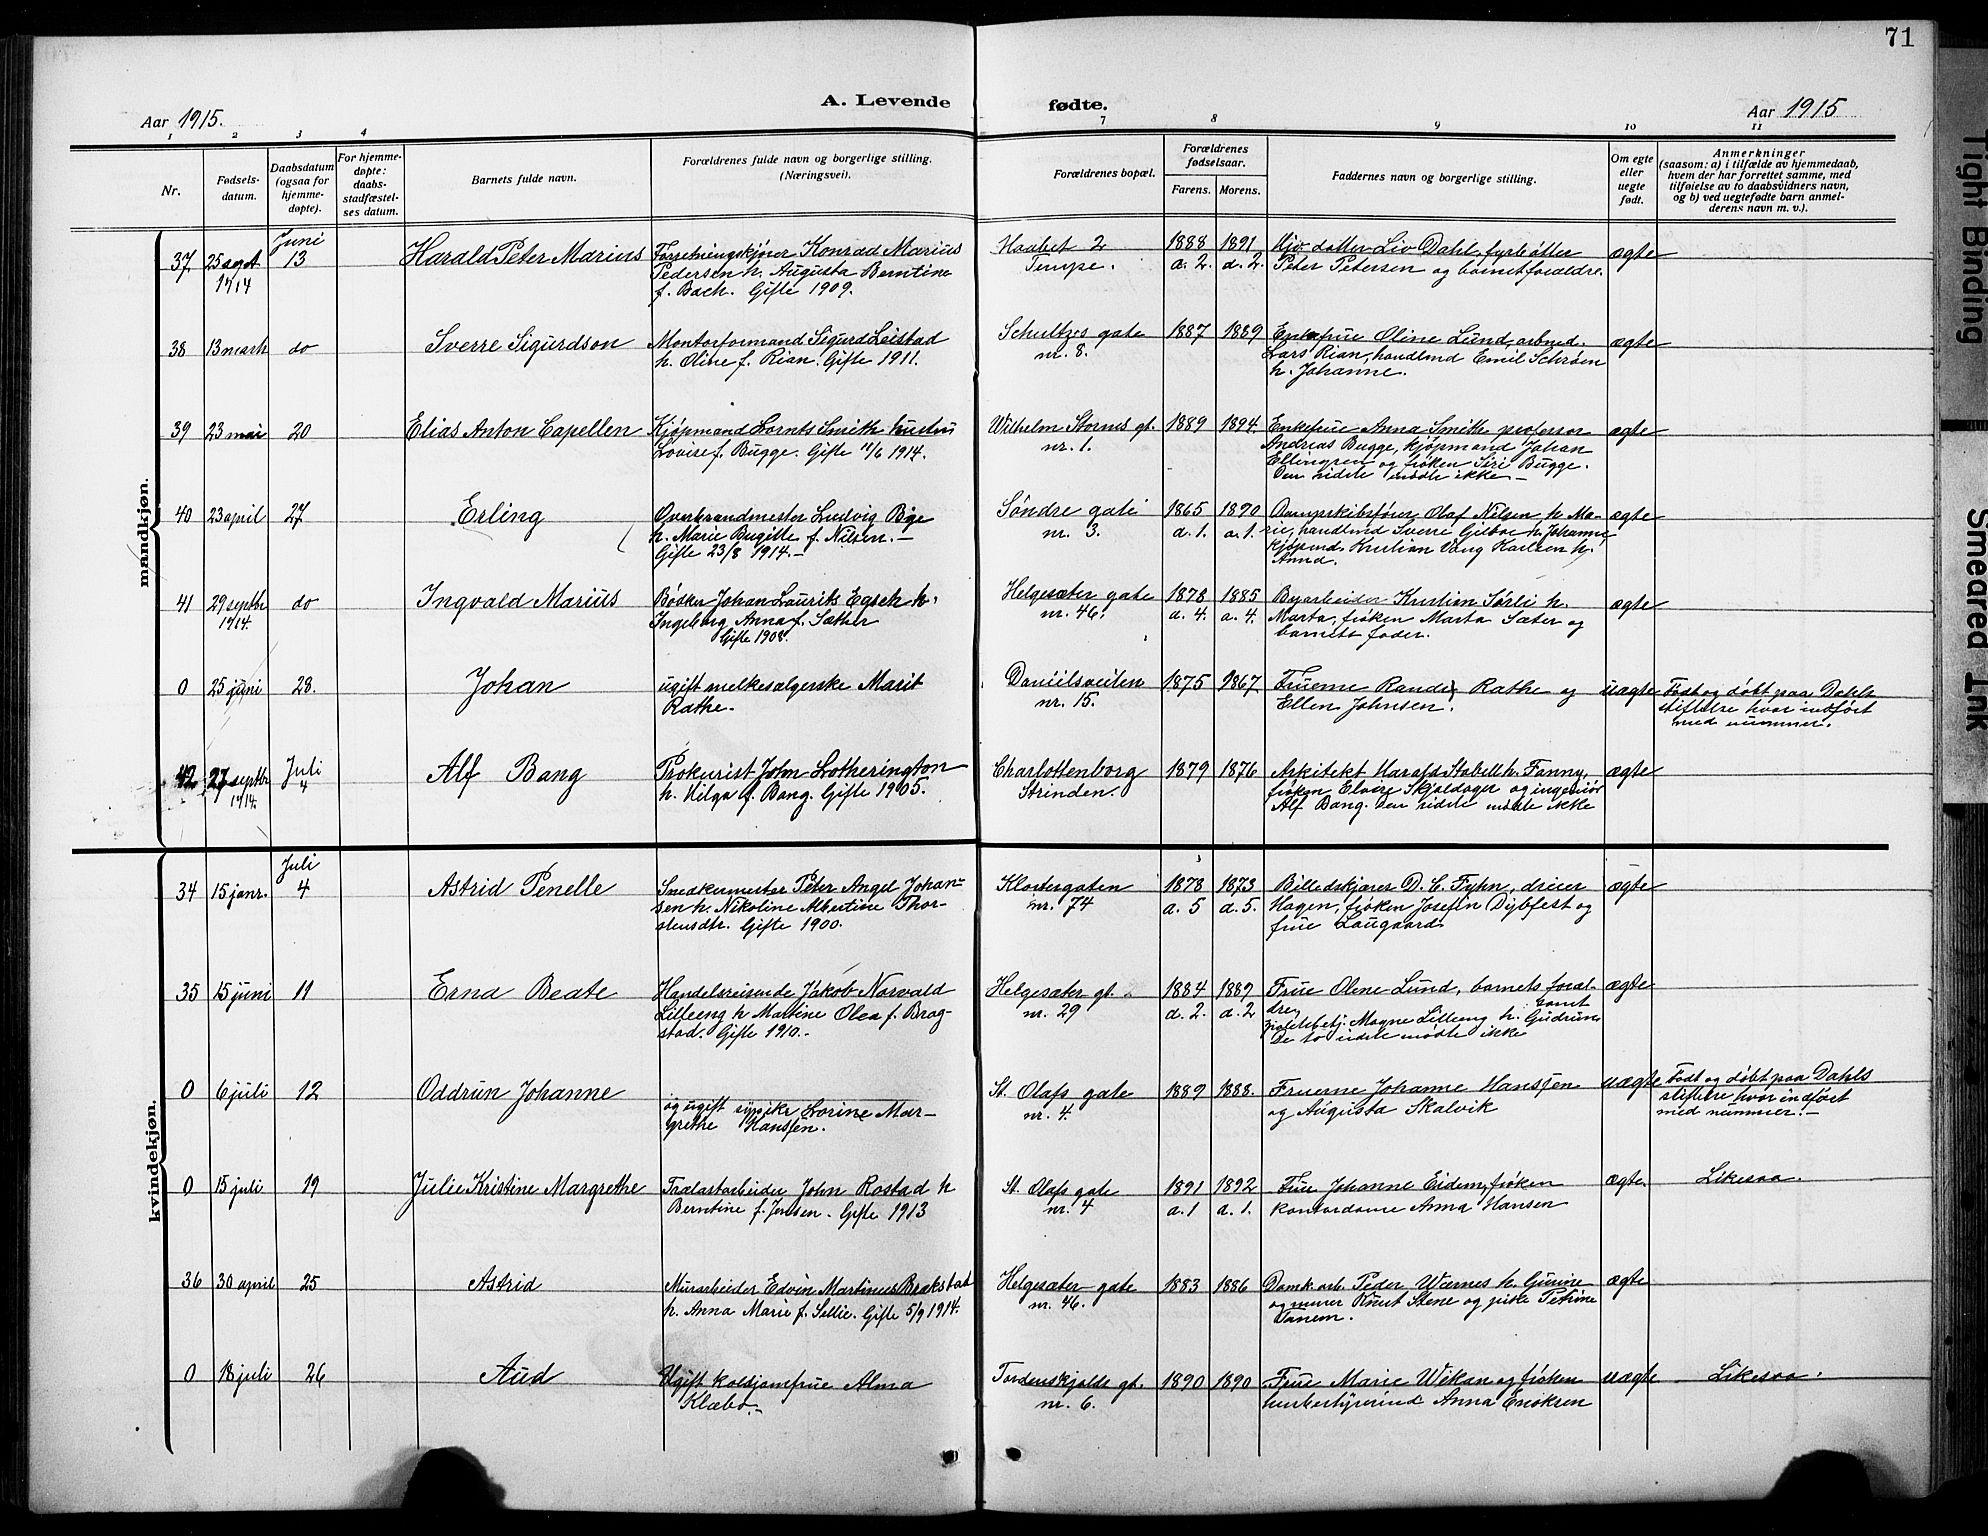 SAT, Ministerialprotokoller, klokkerbøker og fødselsregistre - Sør-Trøndelag, 601/L0096: Klokkerbok nr. 601C14, 1911-1931, s. 71